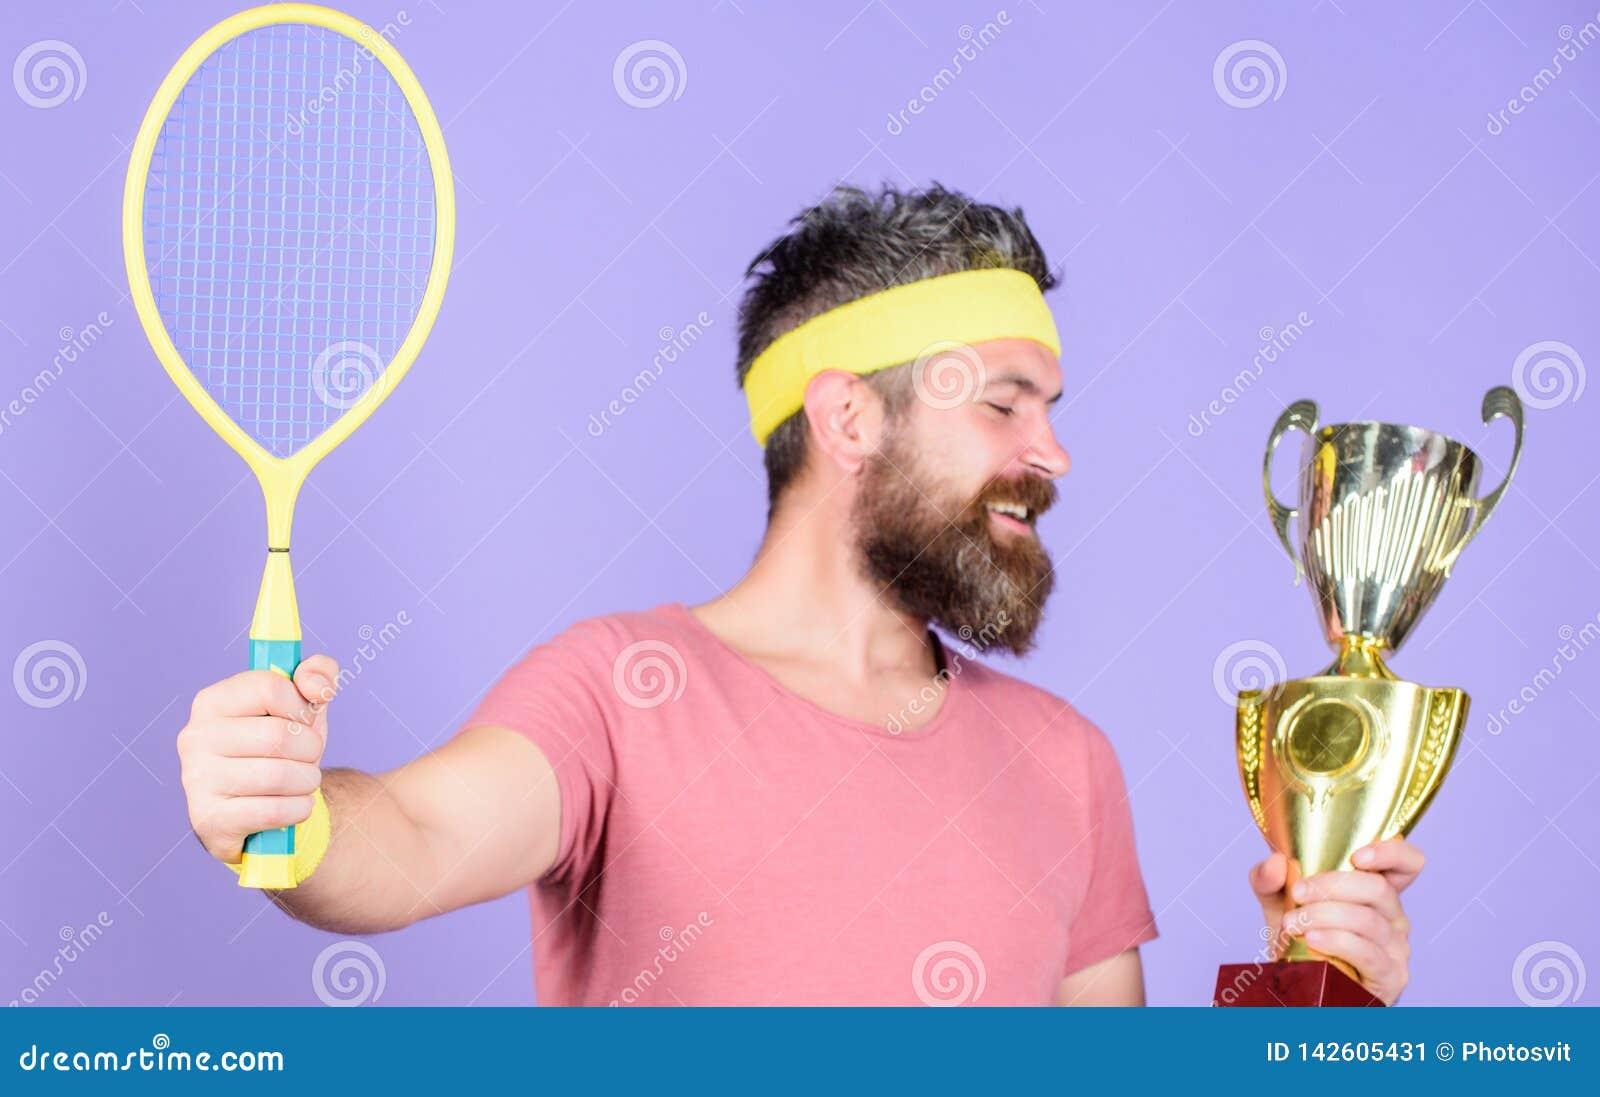 Gracz w tenisa wygrany mistrzostwo Atleta chwyta tenisowy kant i z?ota czara Wygrana tenisa gra M??czyzna modnisia brodata odzie?